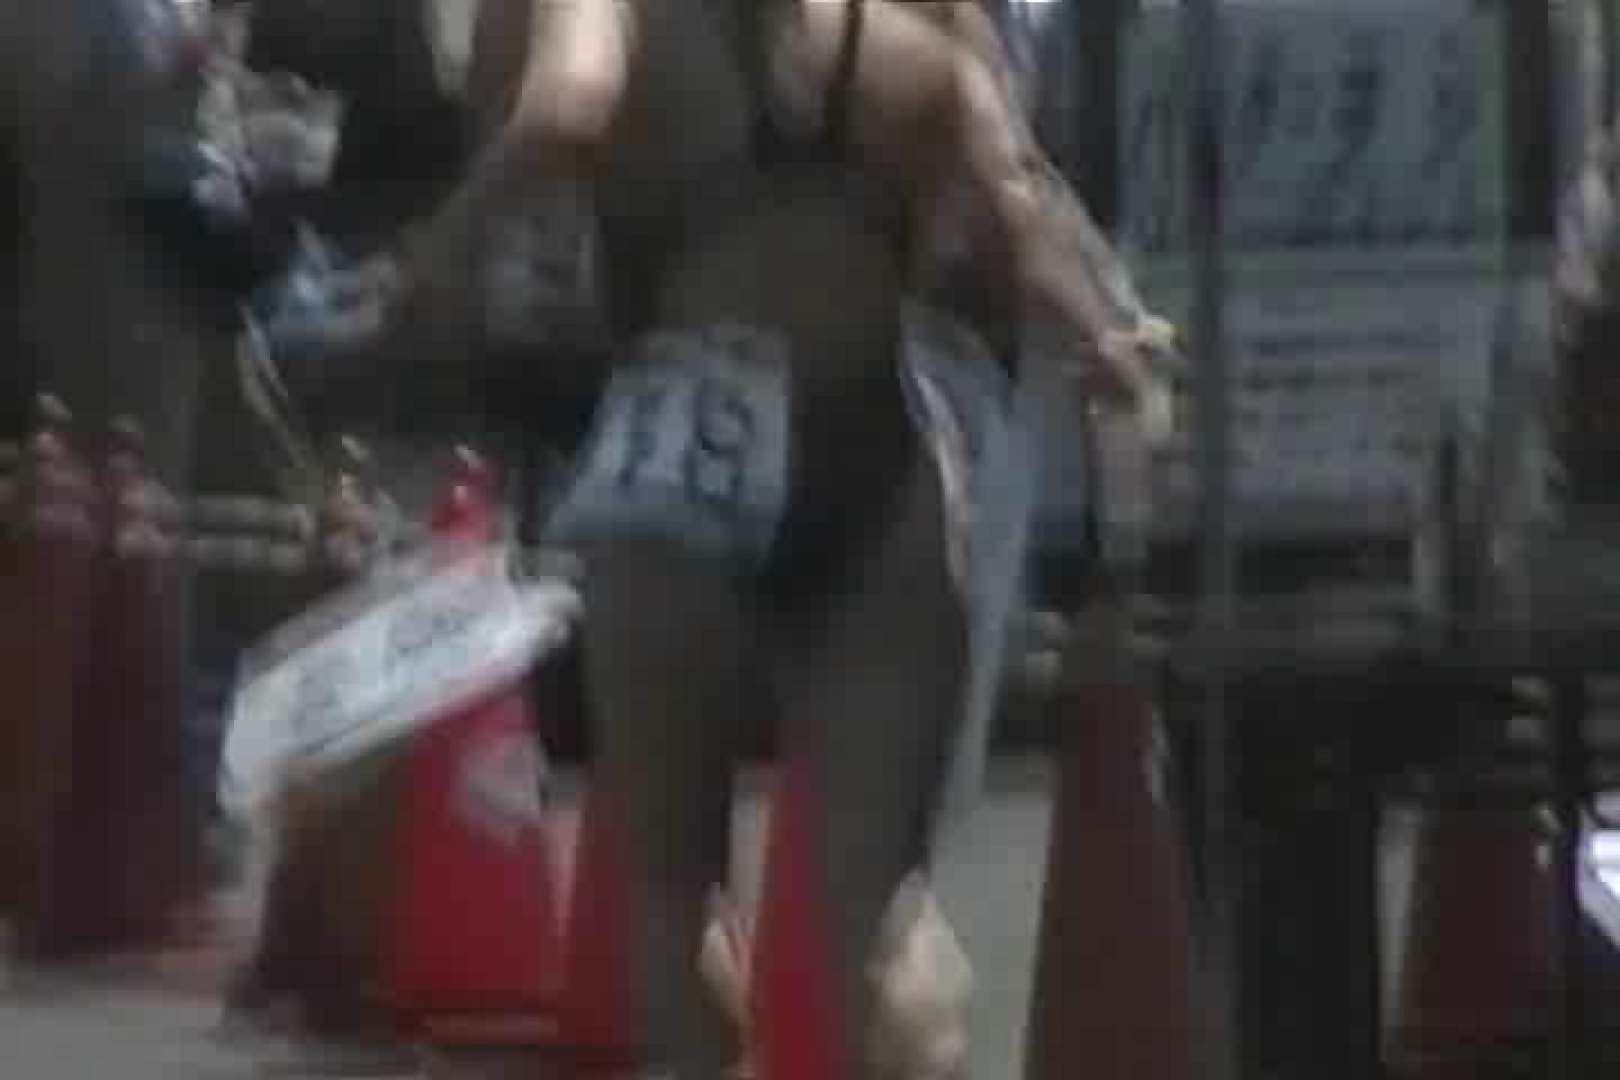 鉄人レース!!トライアスロンに挑む女性達!!Vol.6 OL  105枚 78